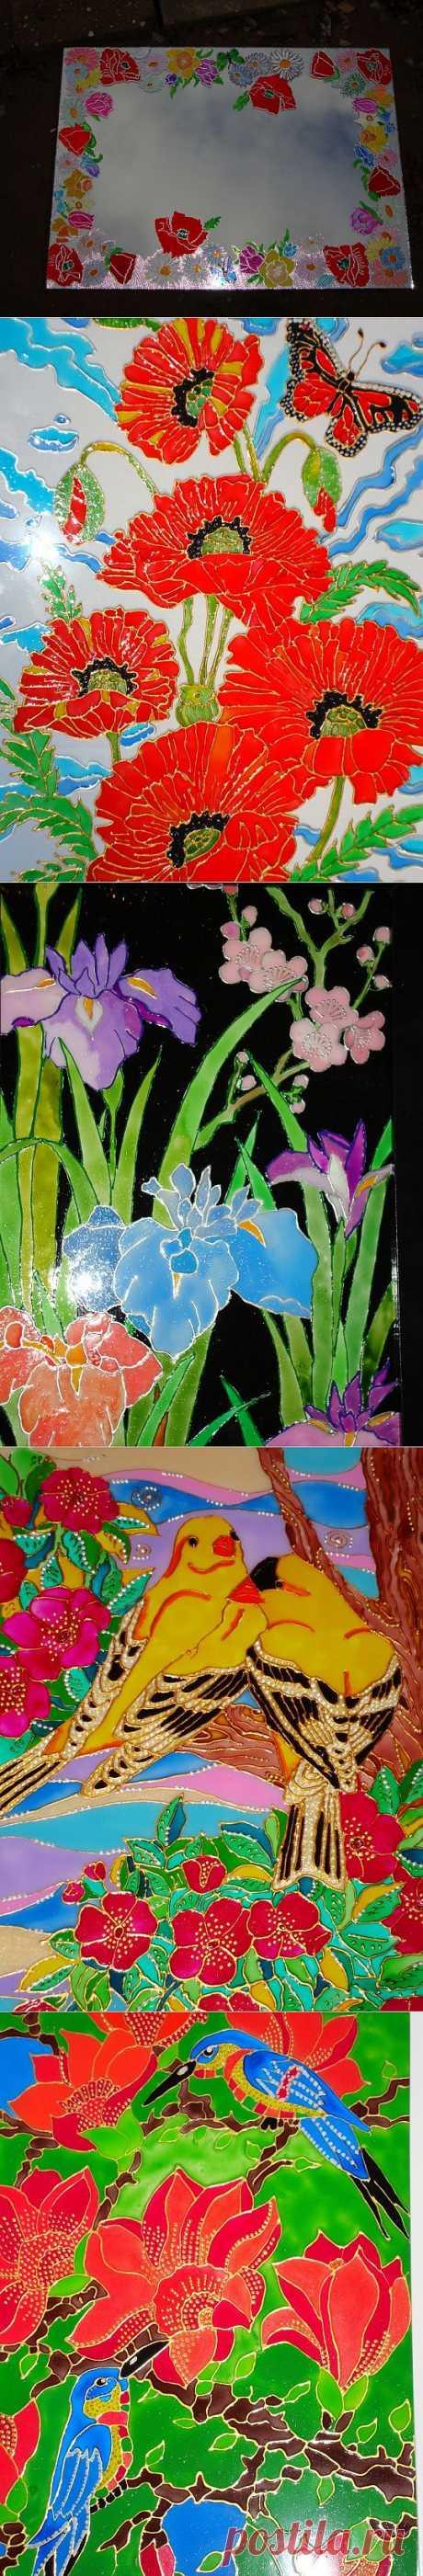 (+1) - Витражная роспись. Стекло, витражные краски, формат А4 | Очумелые ручки